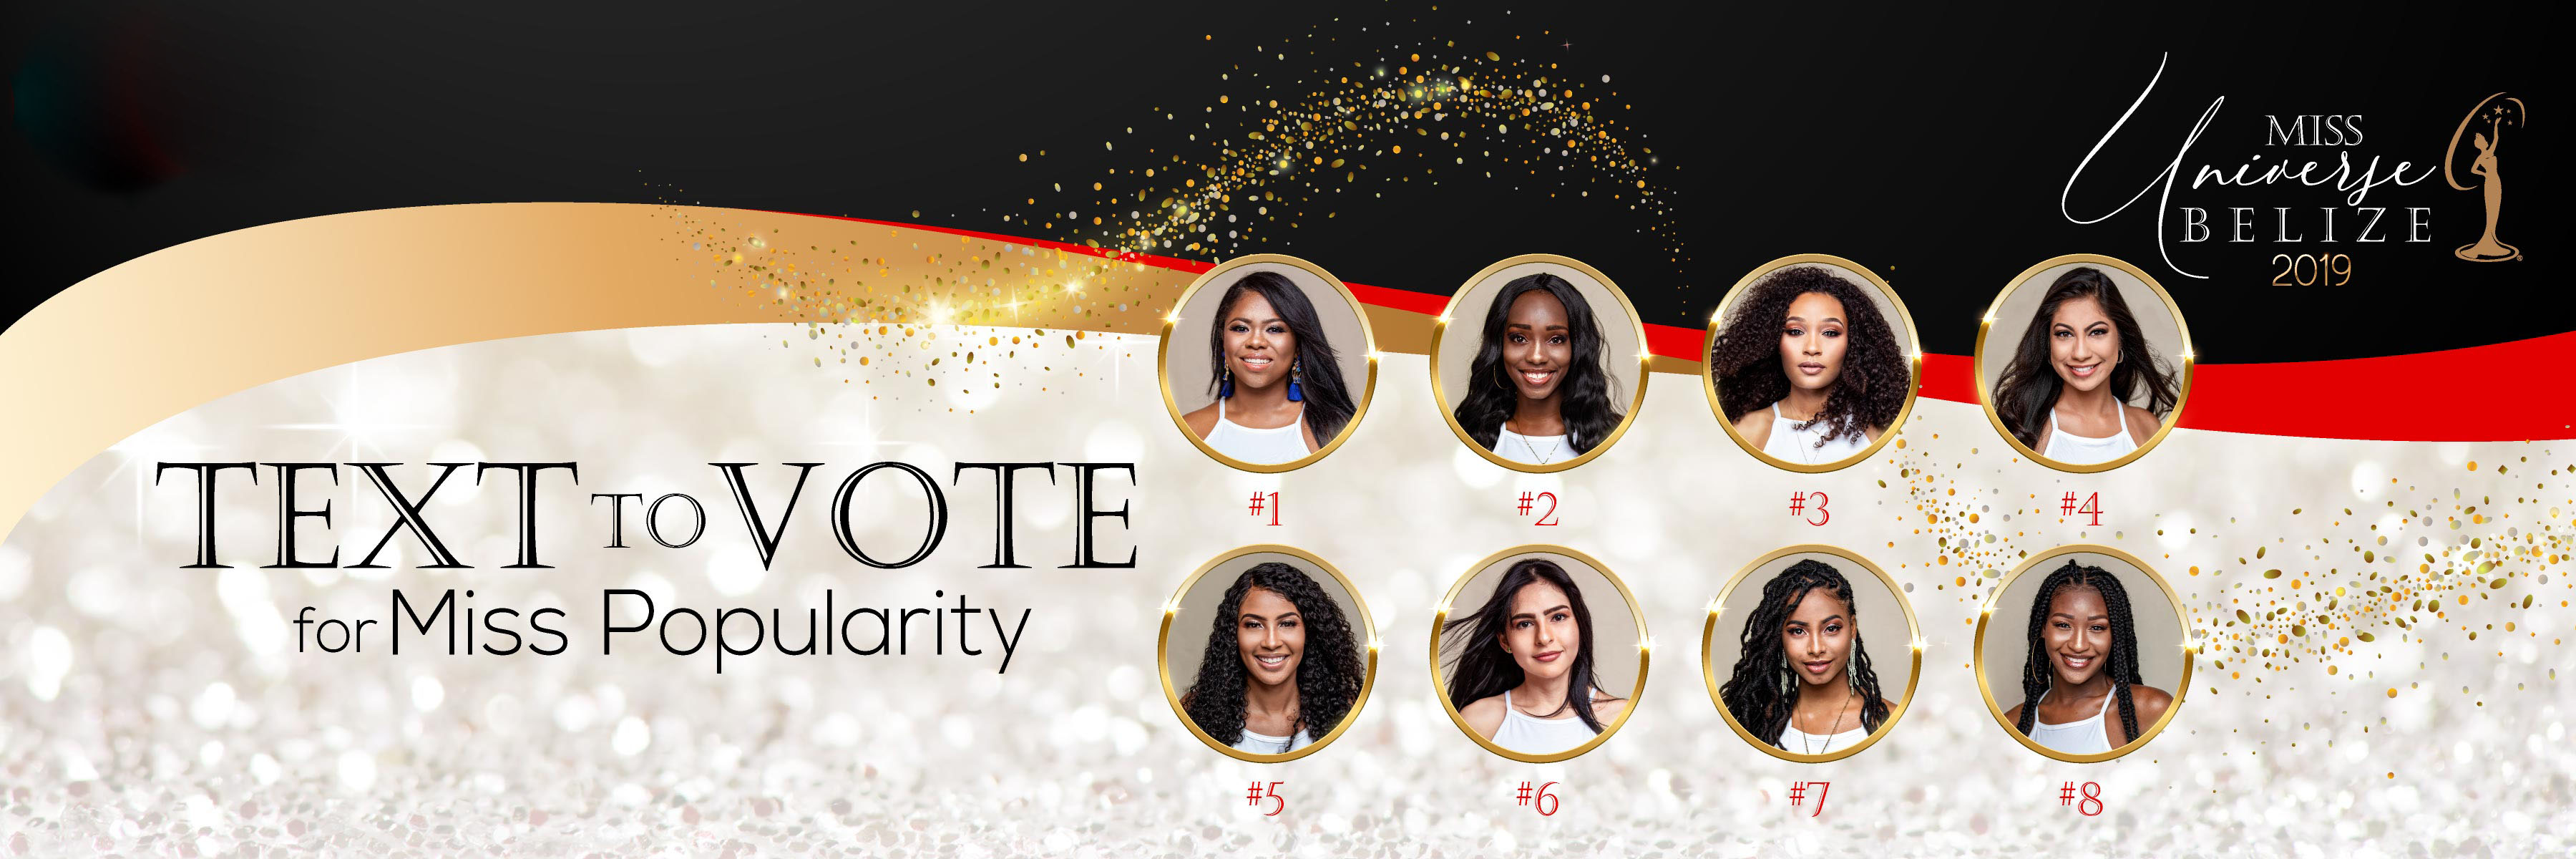 Vote - Miss Universe Belize